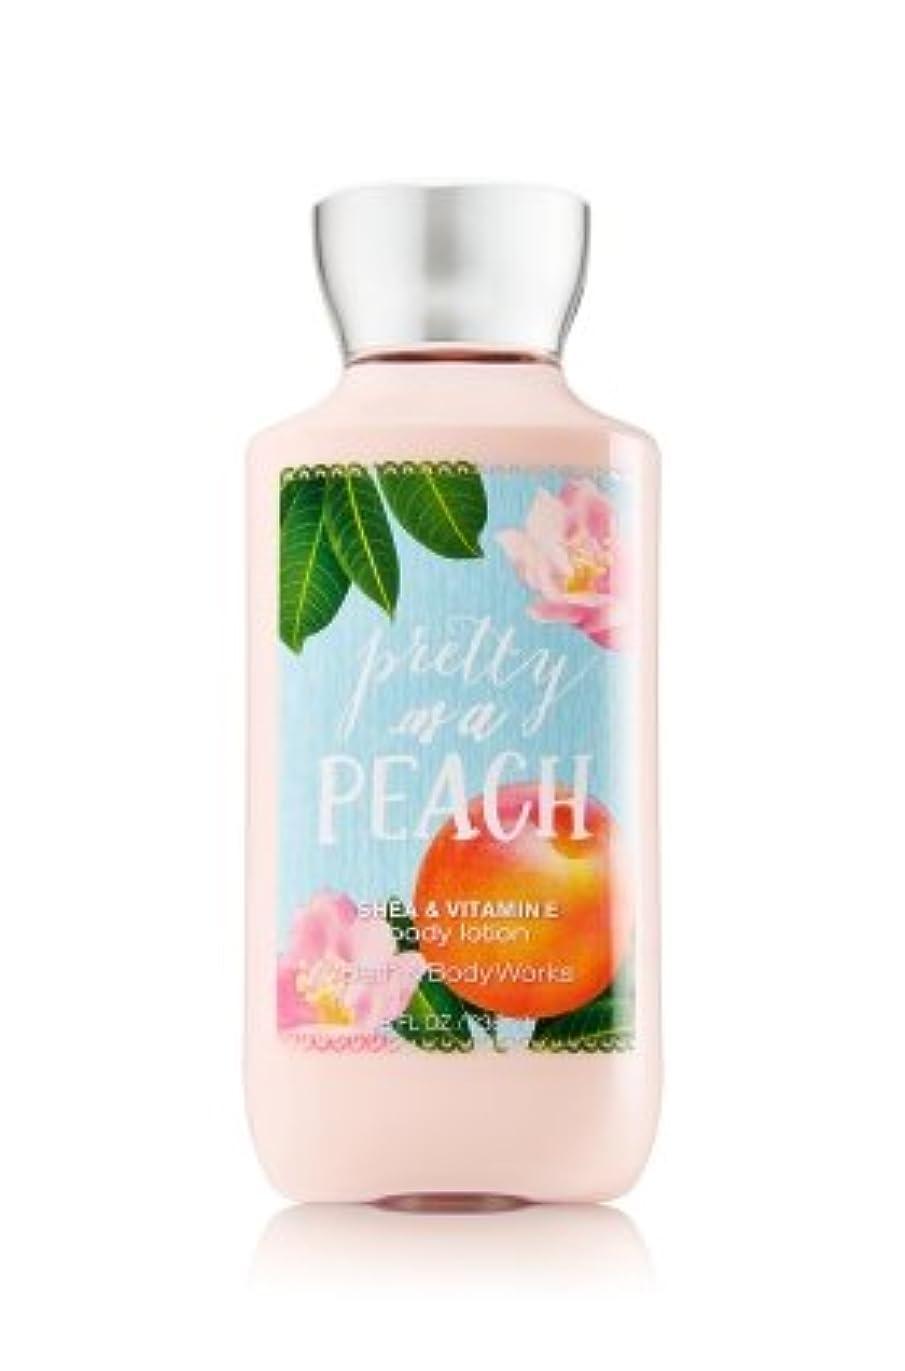 組立死ぬ好きである【Bath&Body Works/バス&ボディワークス】 ボディローション プリティーアズアピーチ Body Lotion Pretty As A Peach 8 fl oz / 236 mL [並行輸入品]